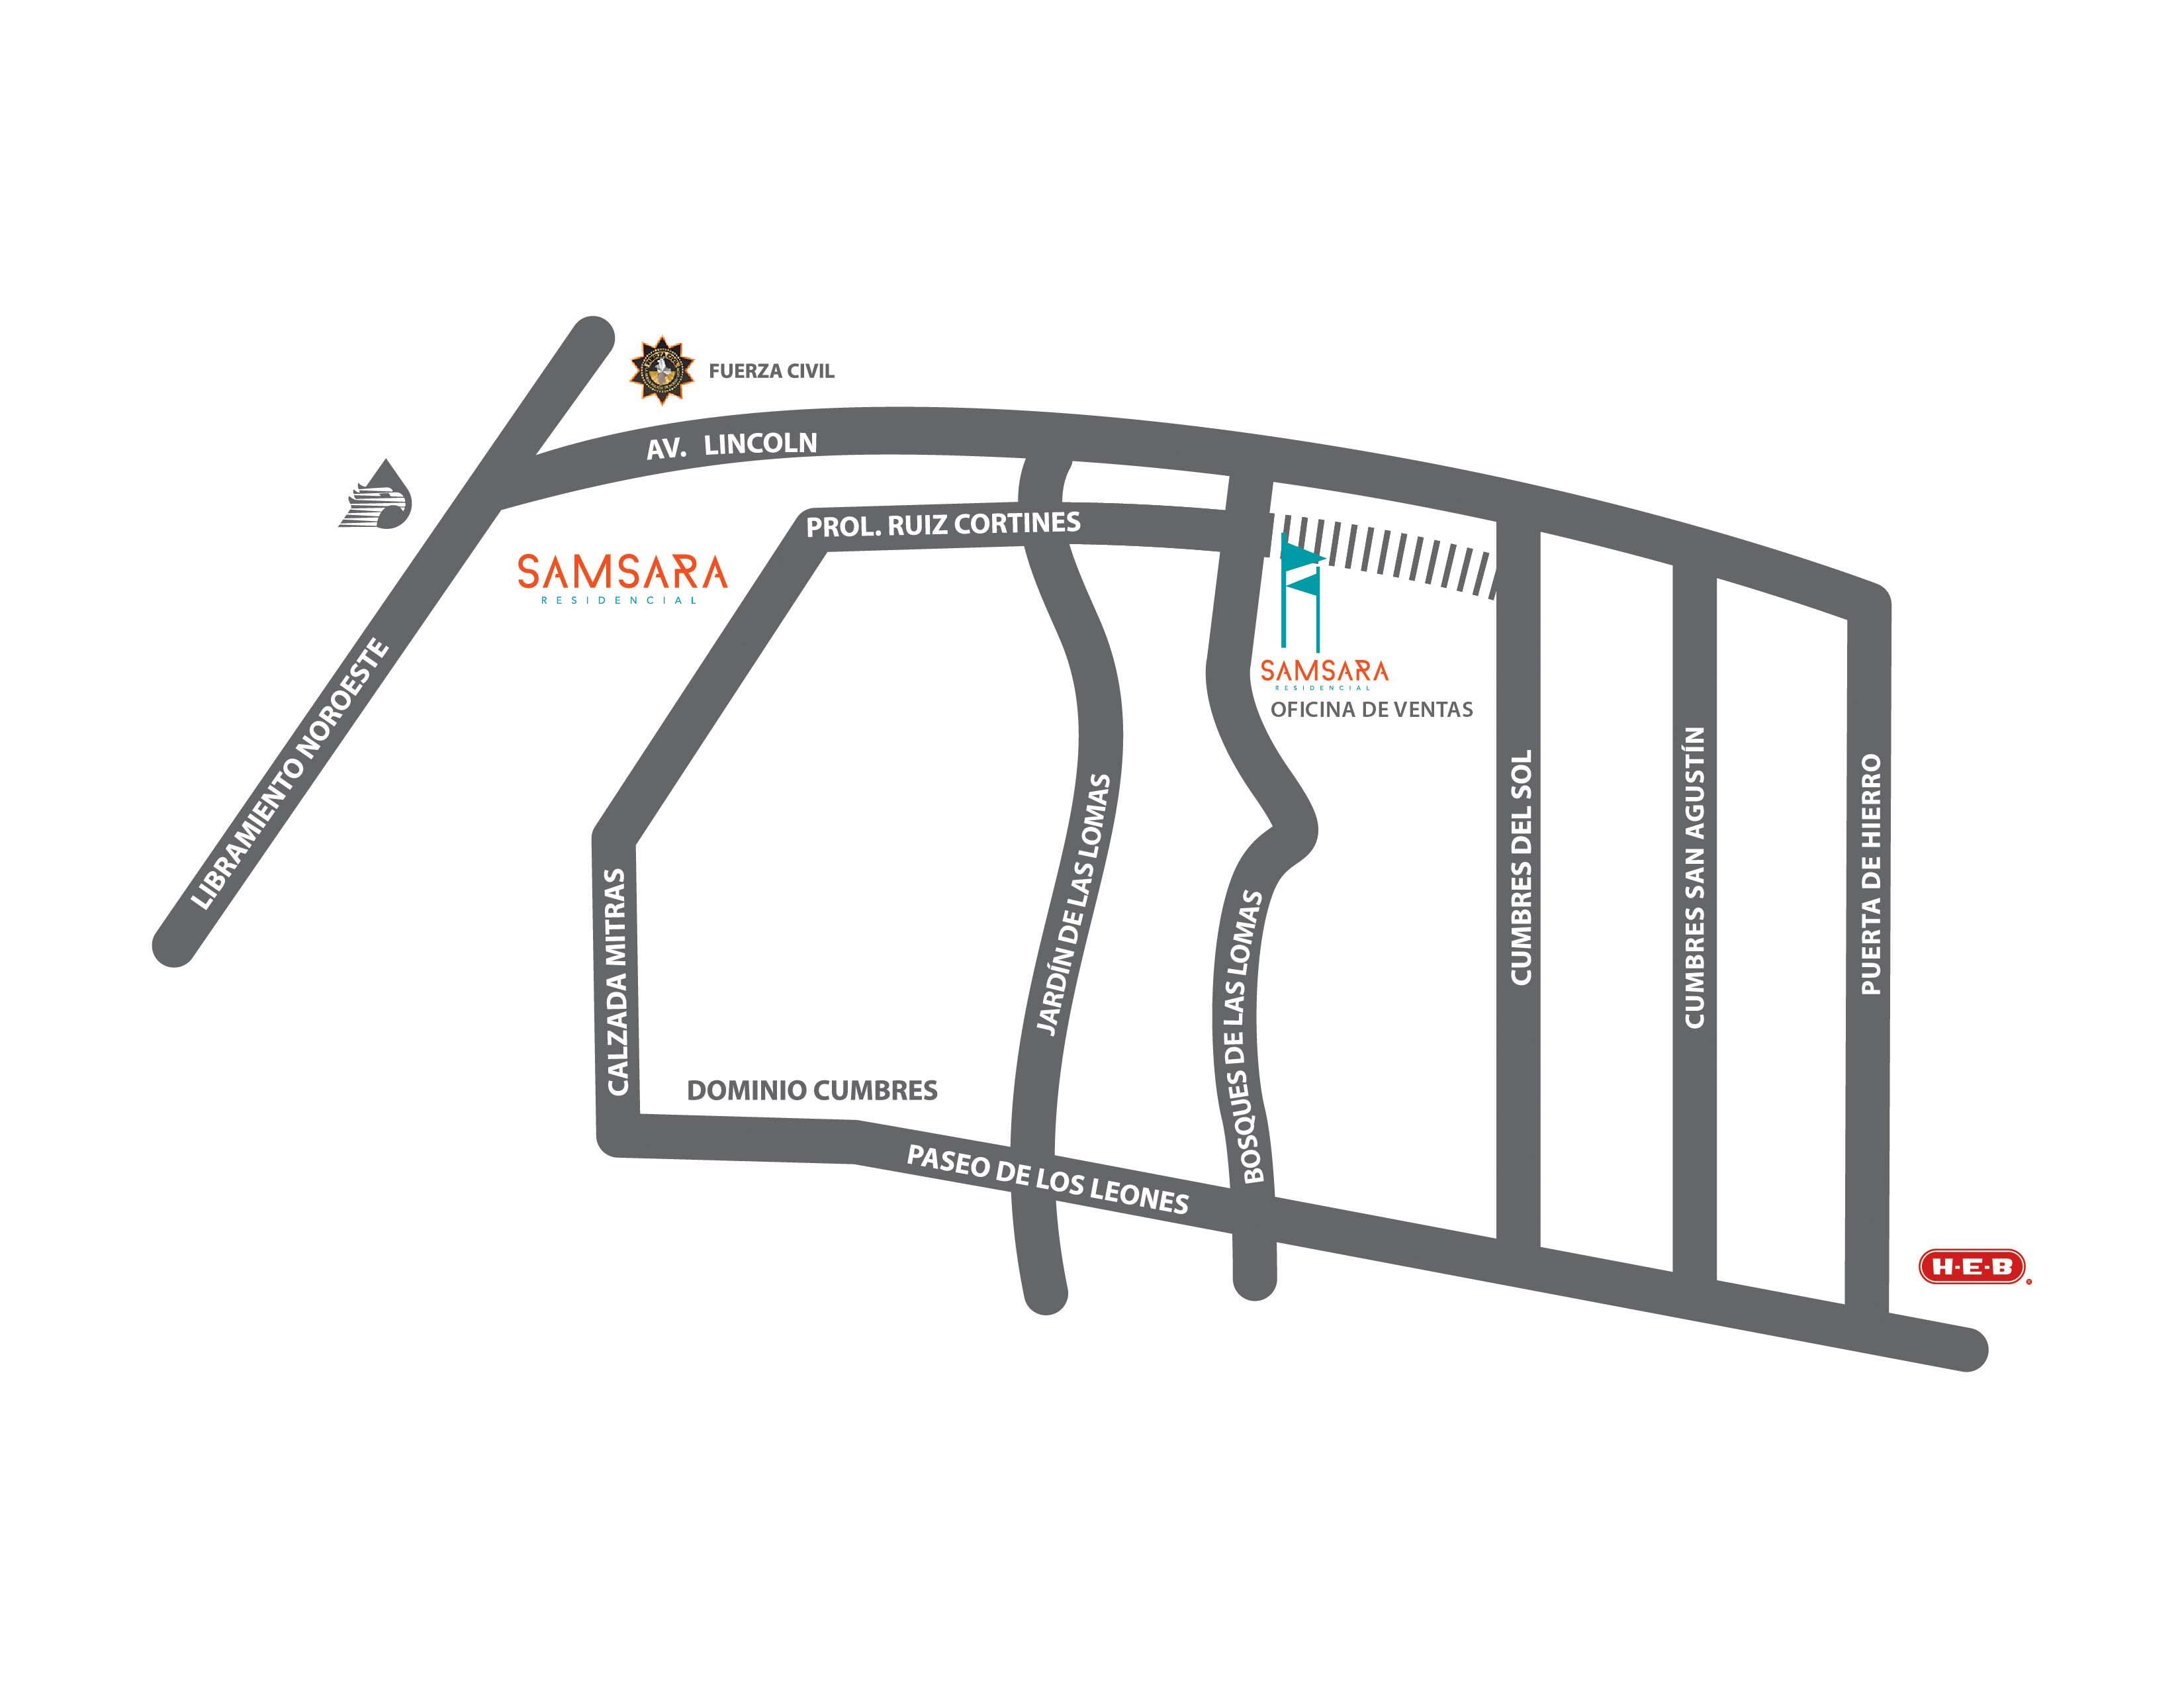 Croquis fraccionamiento Samsara